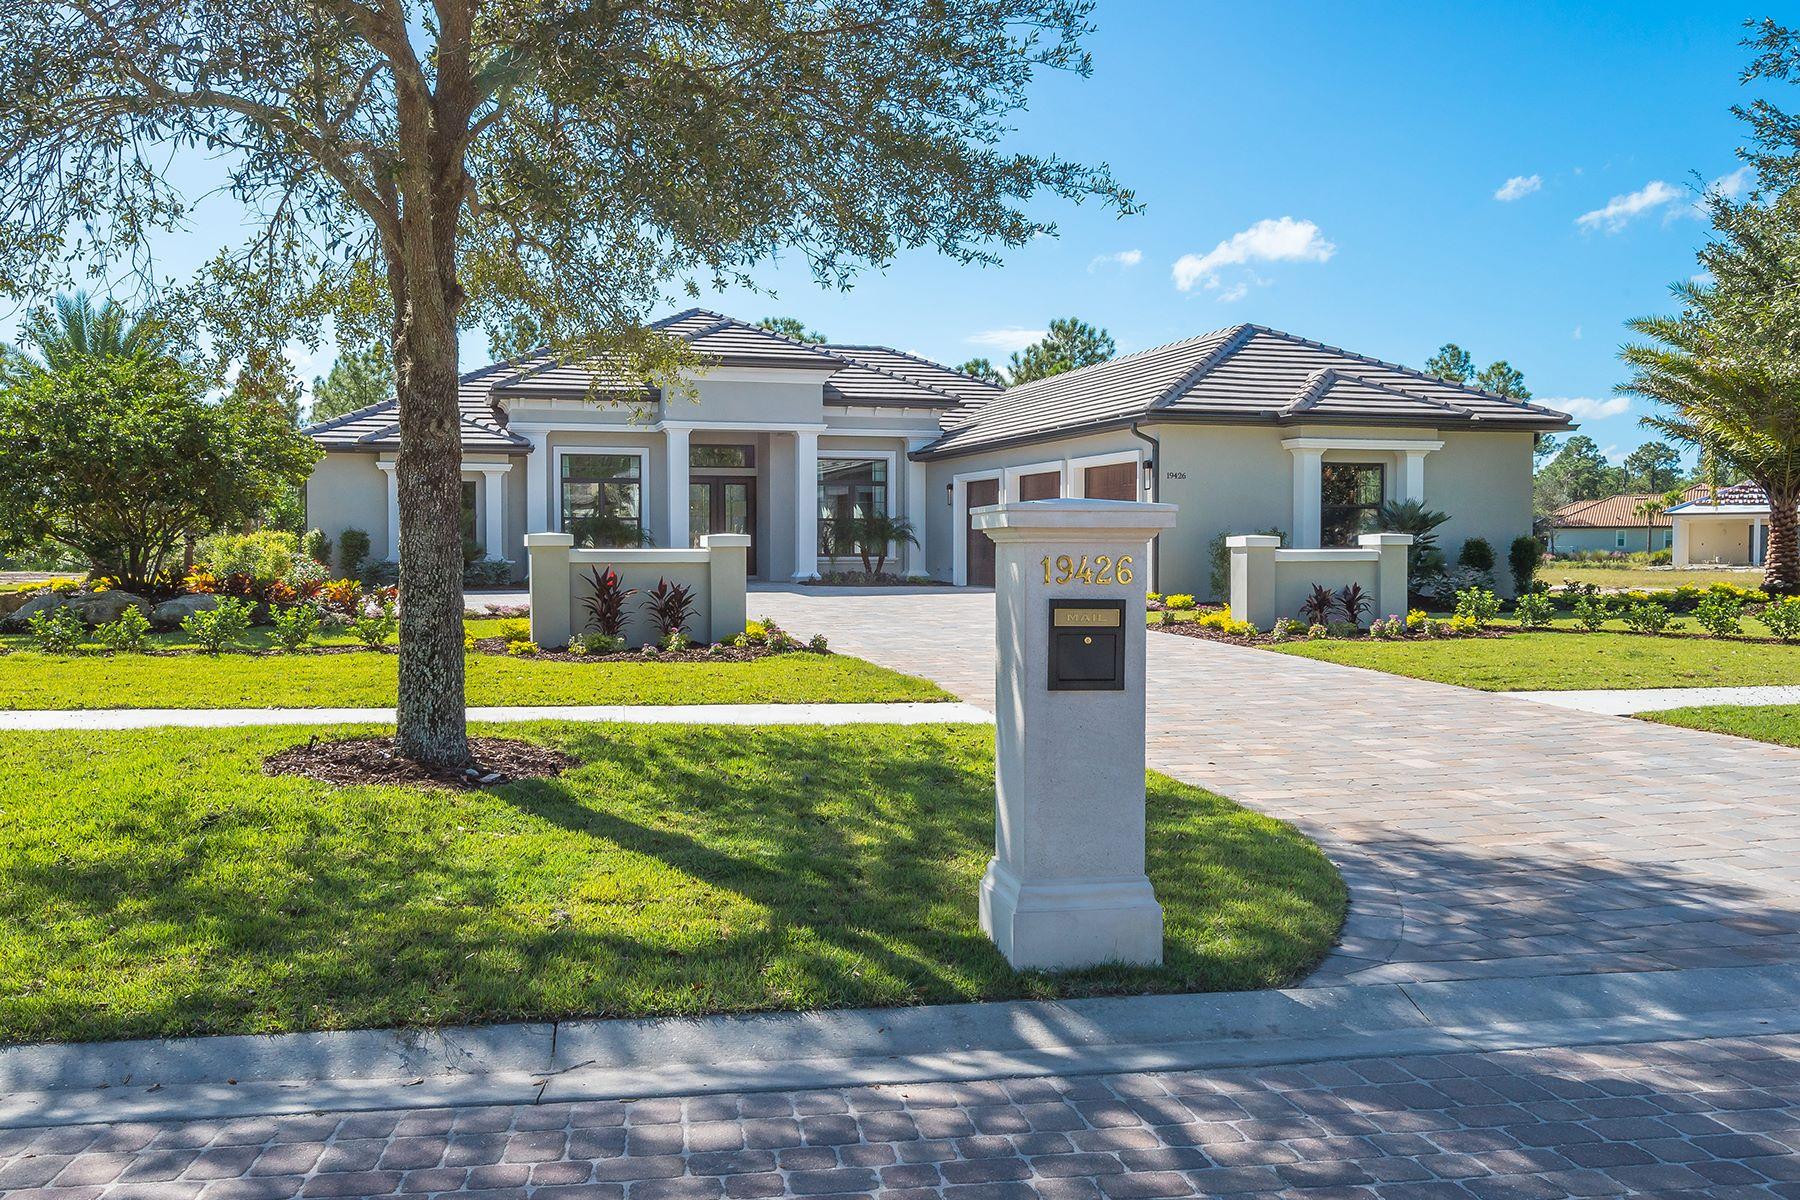 独户住宅 为 销售 在 19426 Beacon Park Pl , Bradenton, FL 34202 19426 Beacon Park Pl 布雷登顿, 佛罗里达州, 34202 美国